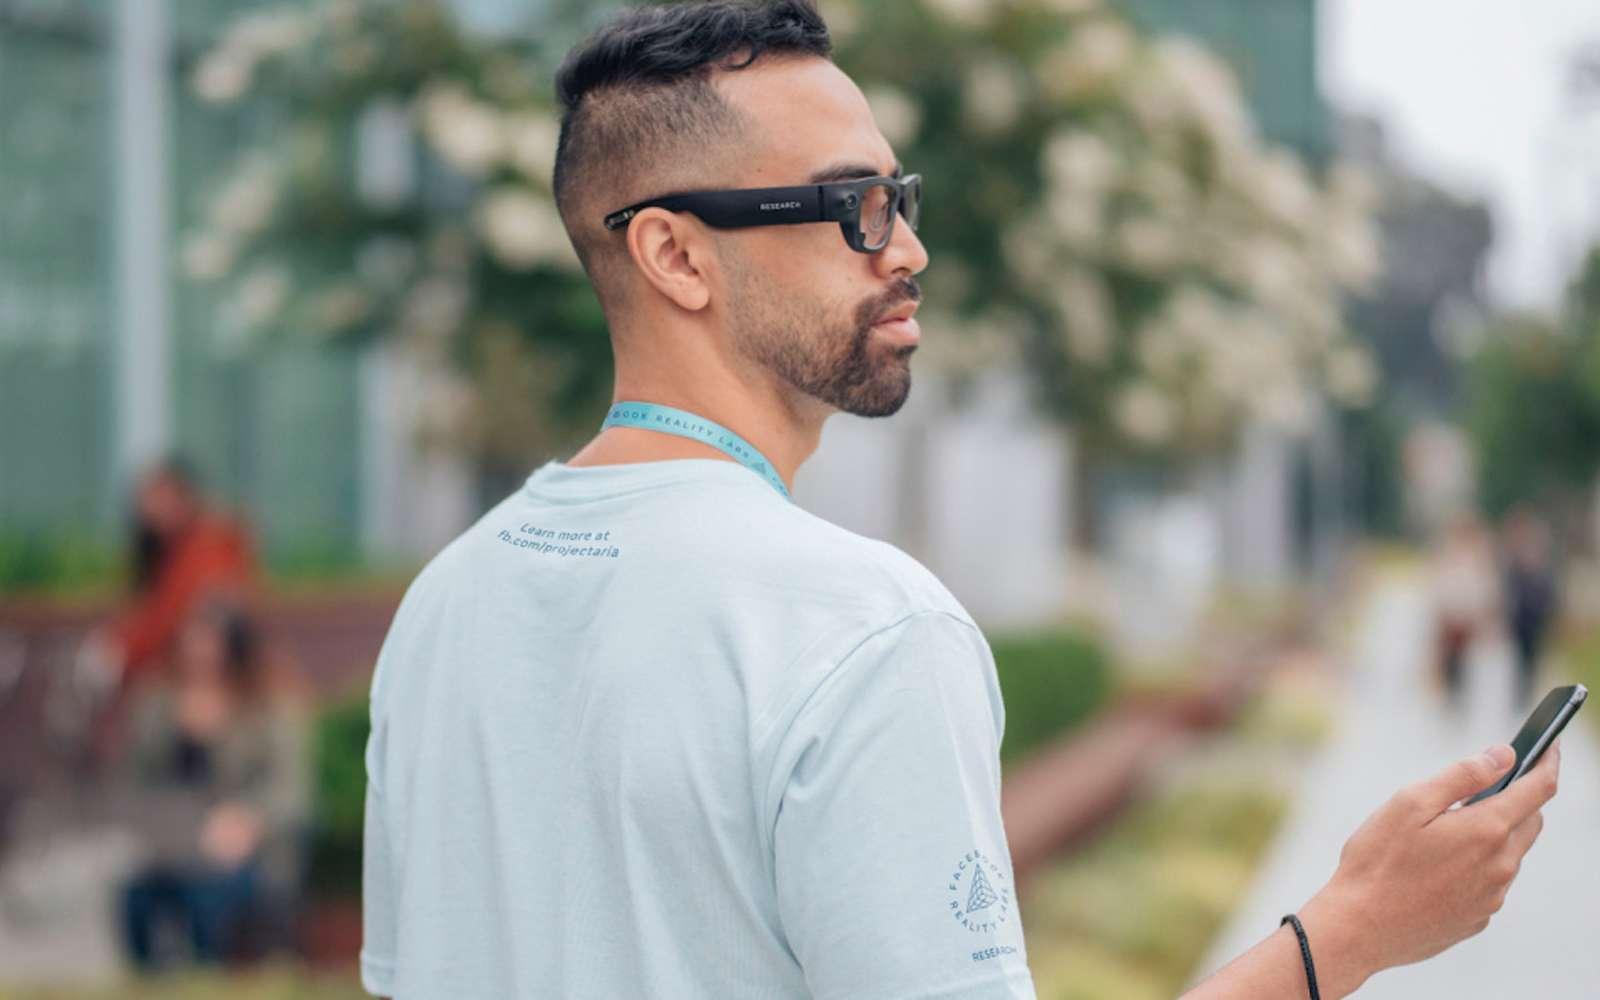 Les premières lunettes connectées Facebook devraient arriver dès 2021. © Facebook